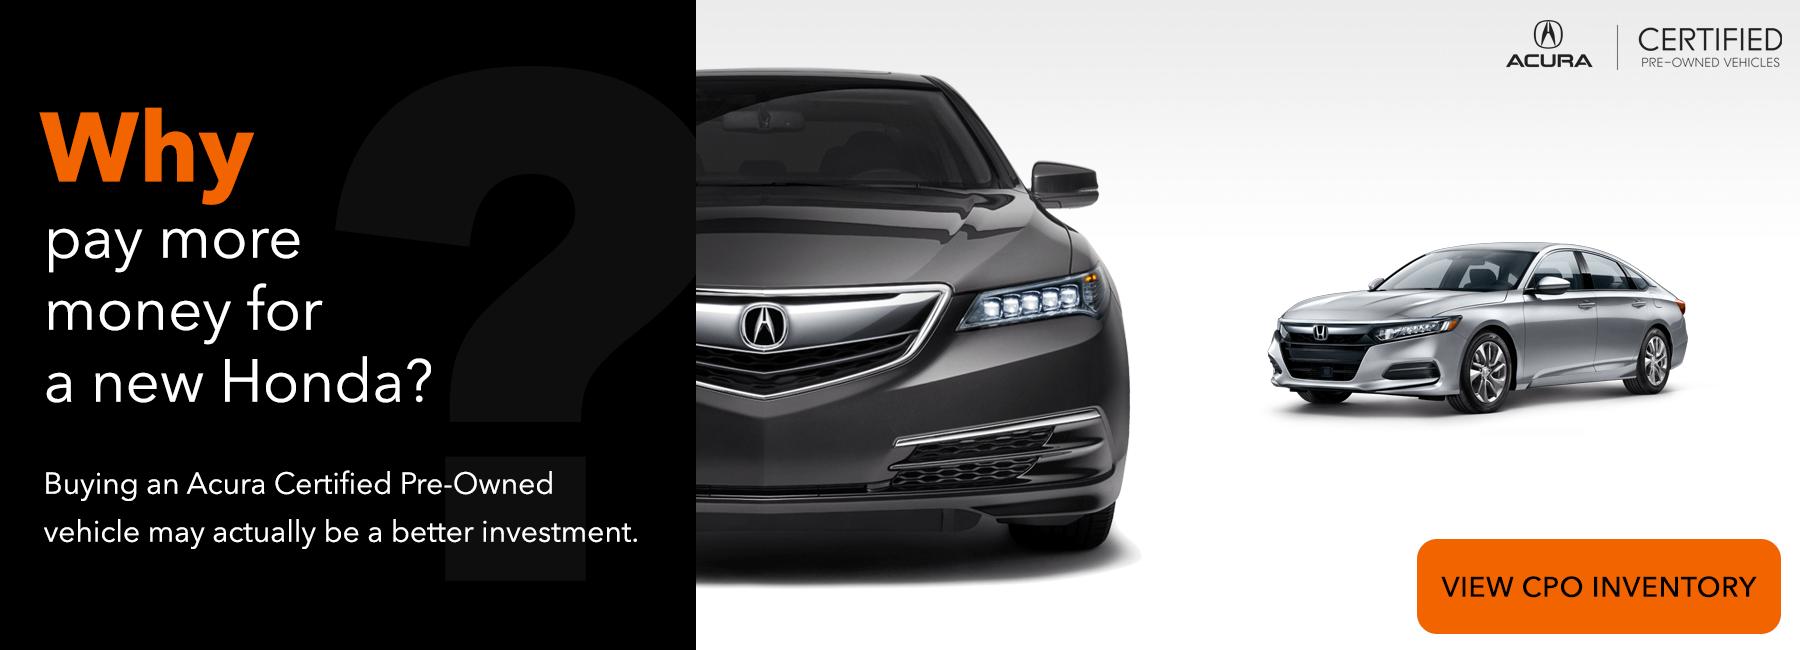 Acura Certified Pre-Owned vs. New Honda Slider